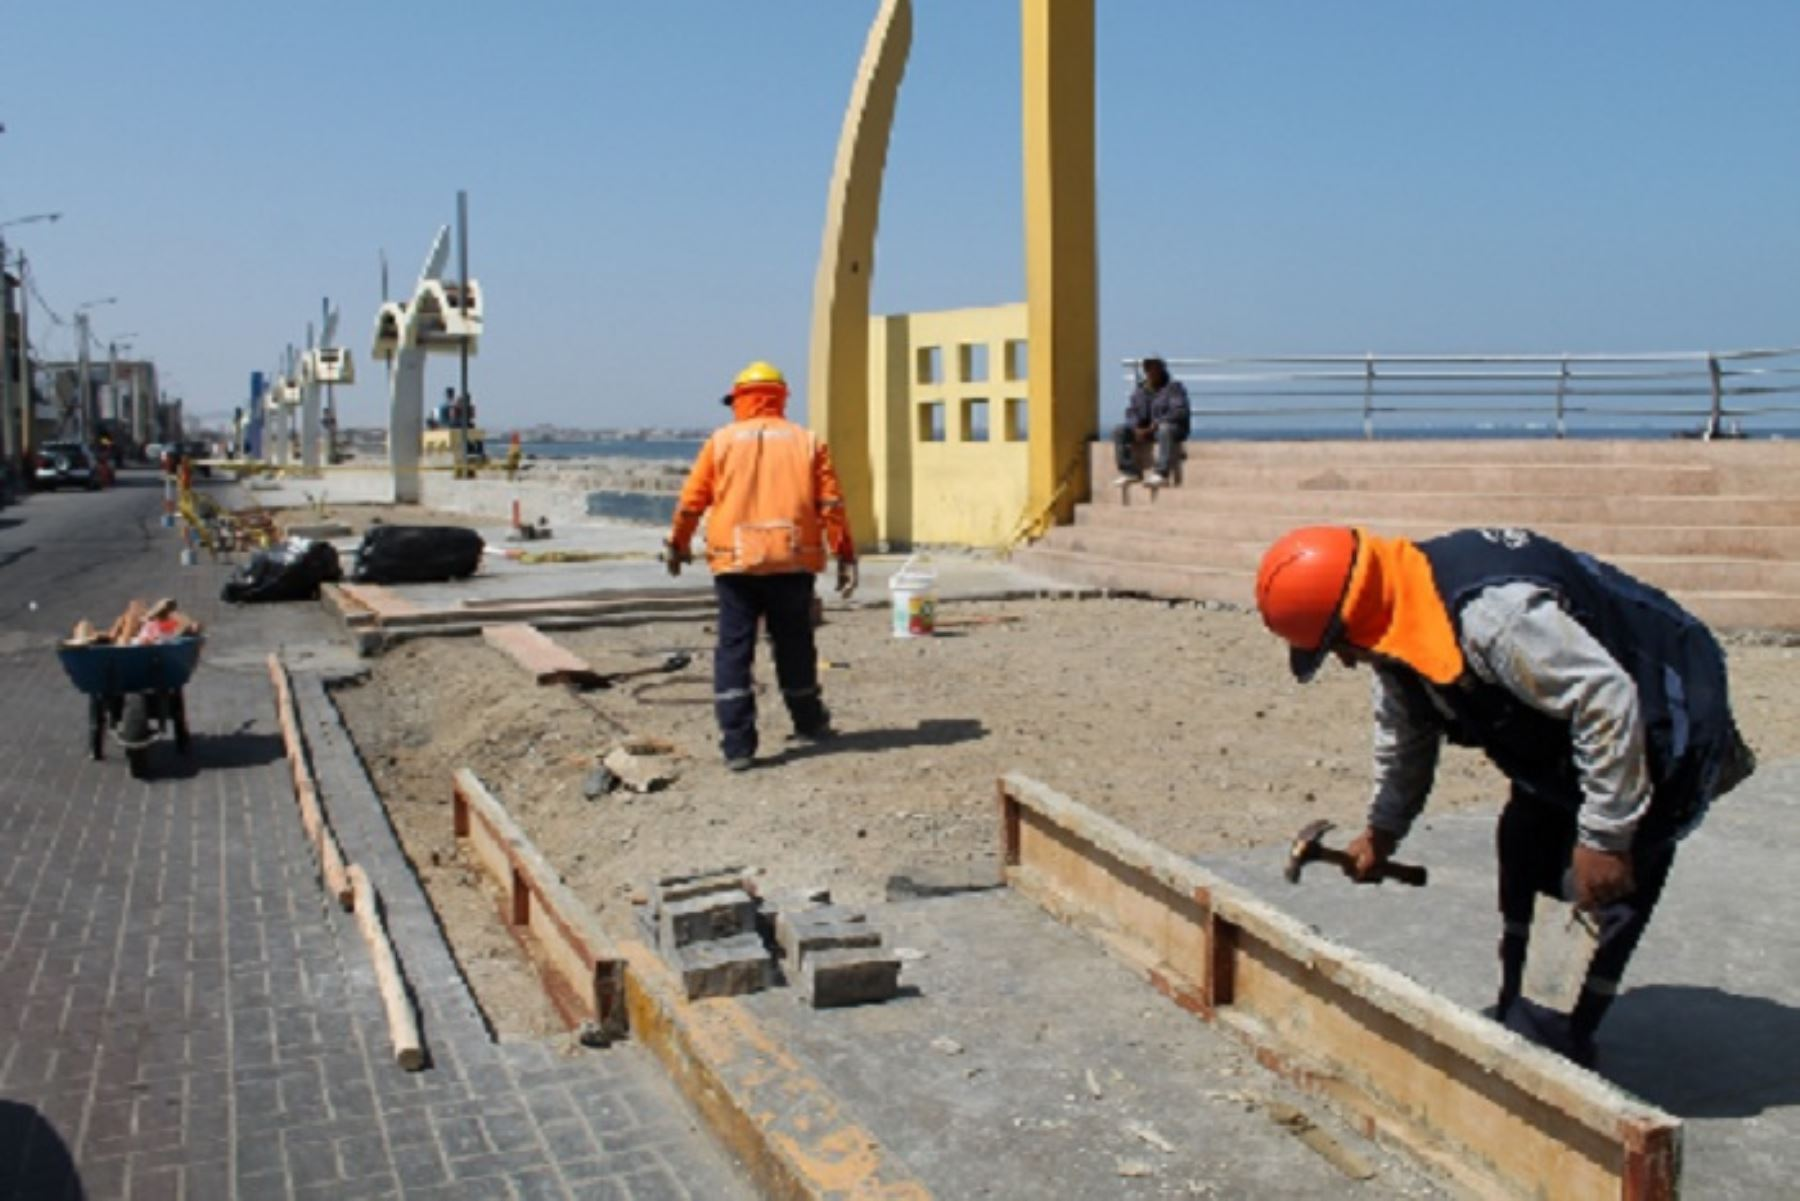 Reactivación económica: invertirán S/ 180 millones en obras viales en provincia del Santa